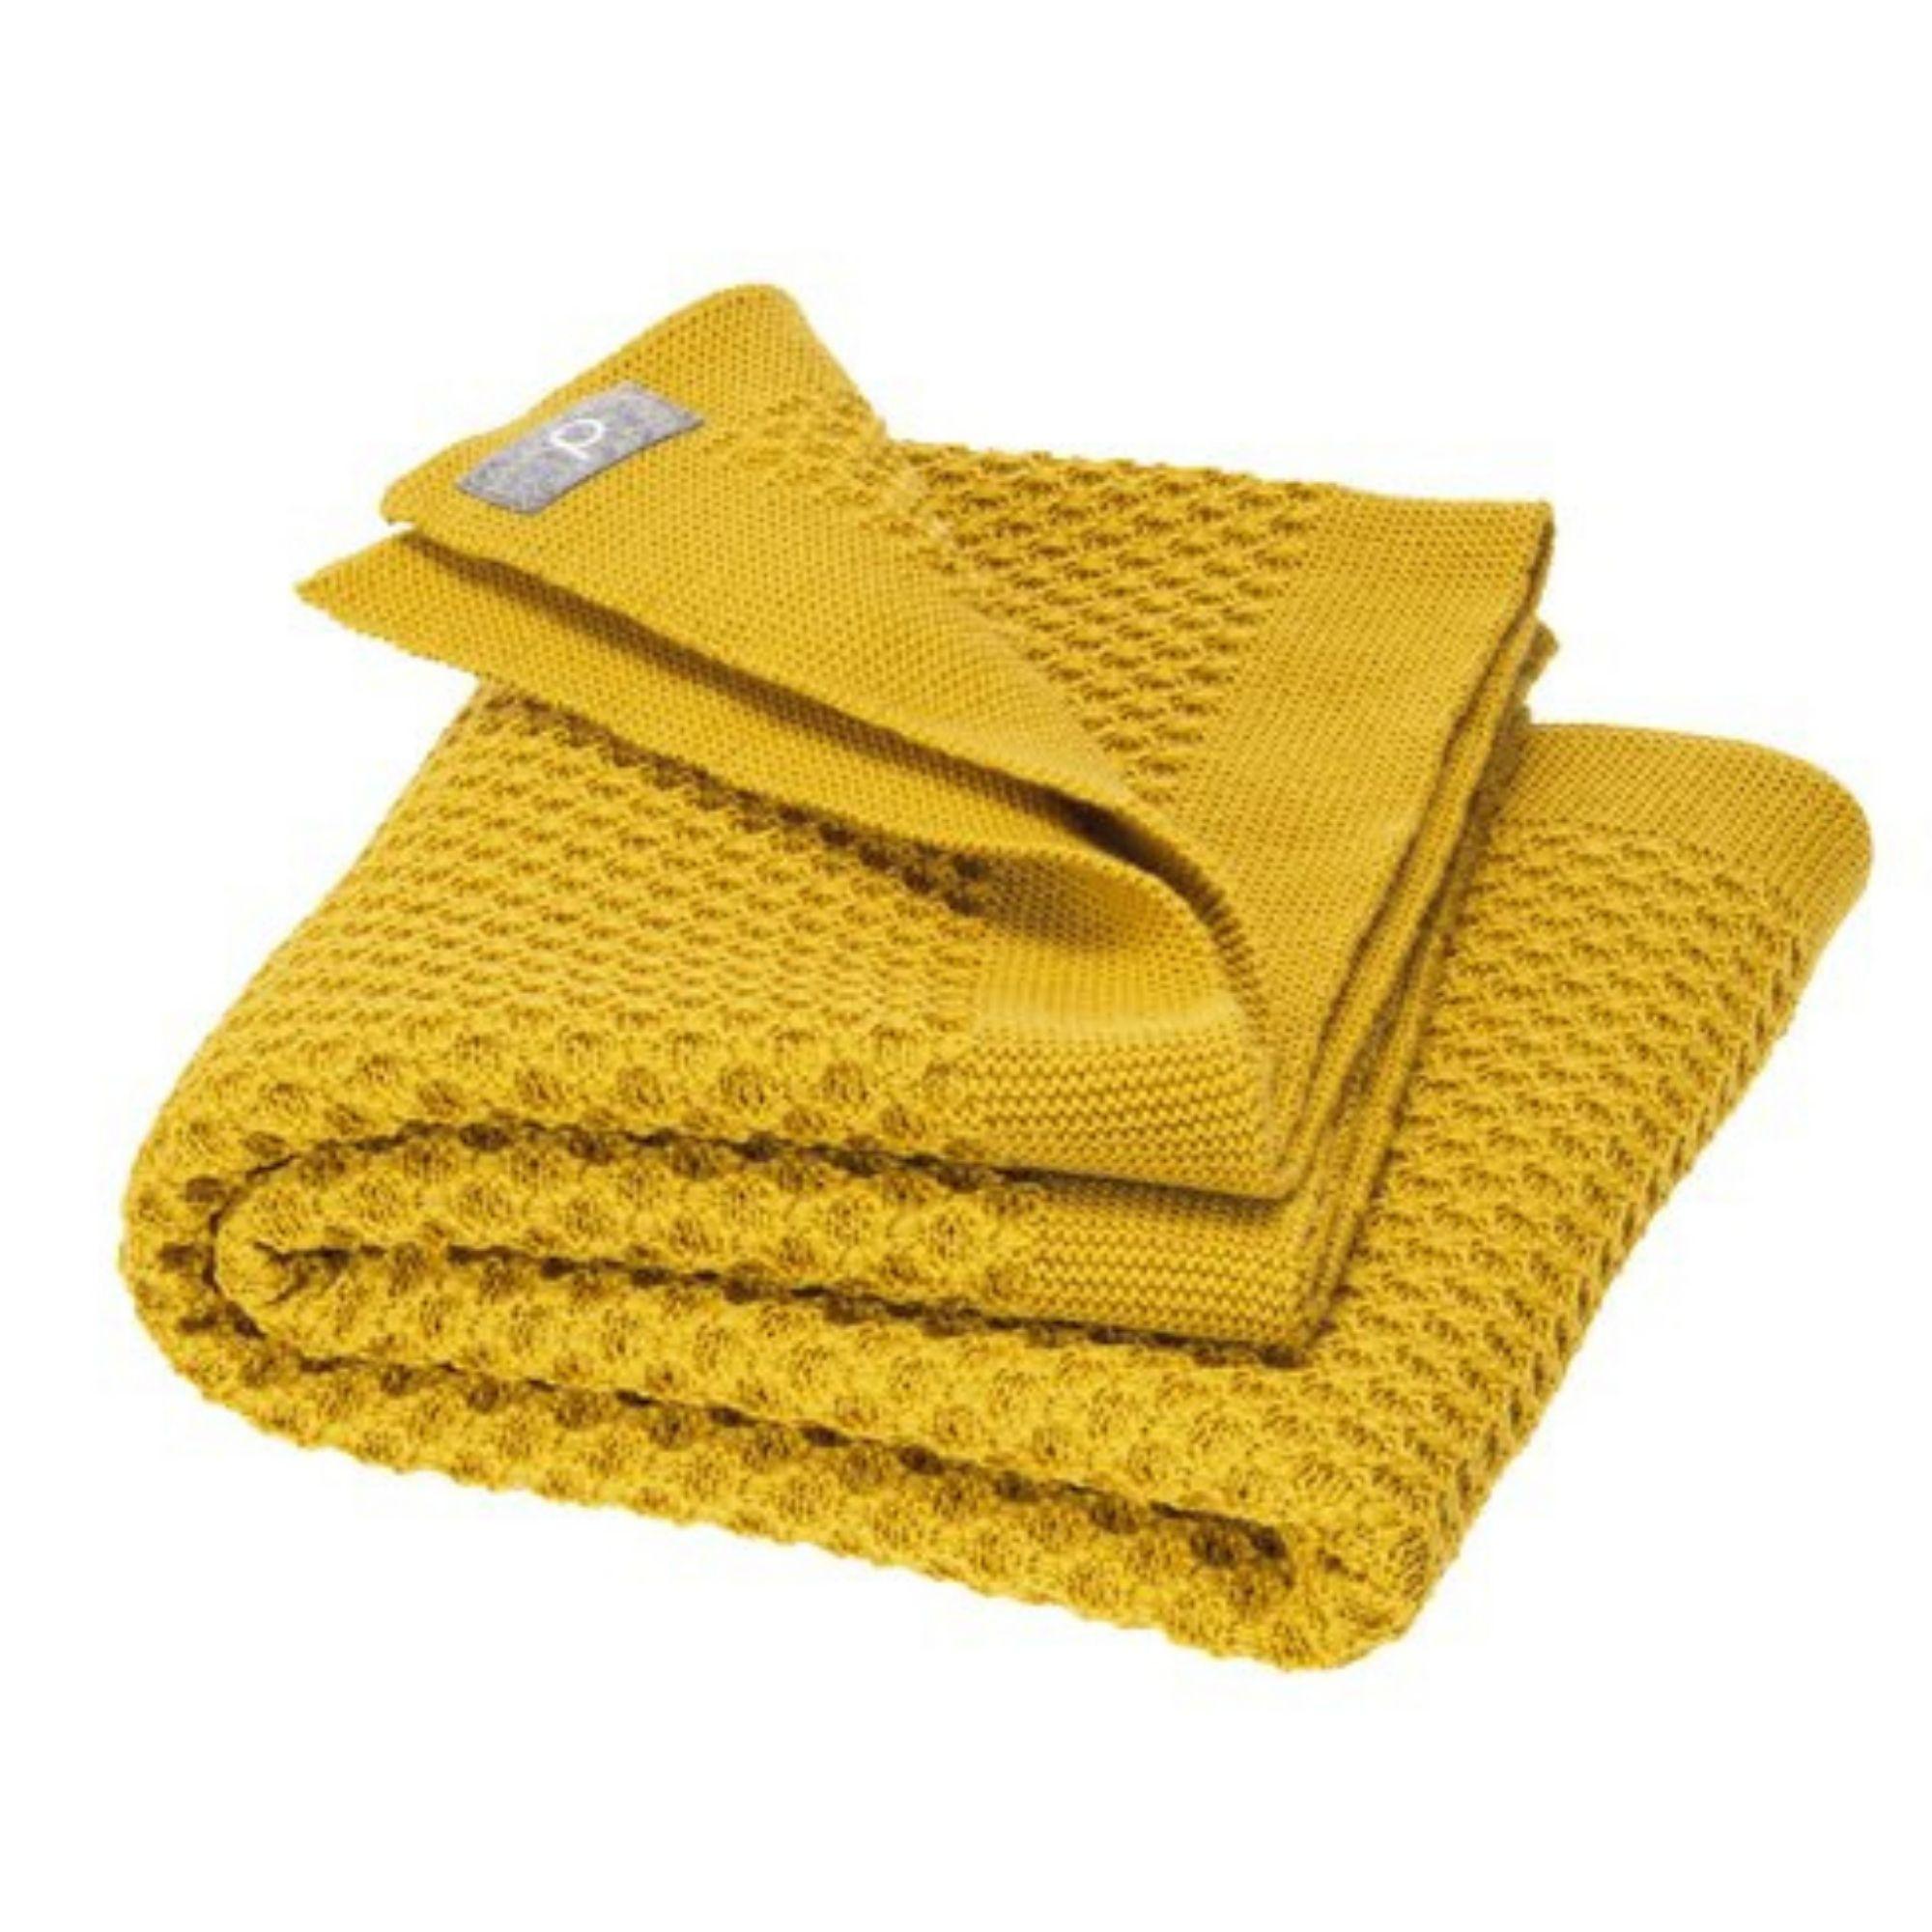 DISANA - Couverture tricotée - Laine mérinos - CURRY-NID D\'ABEILLE